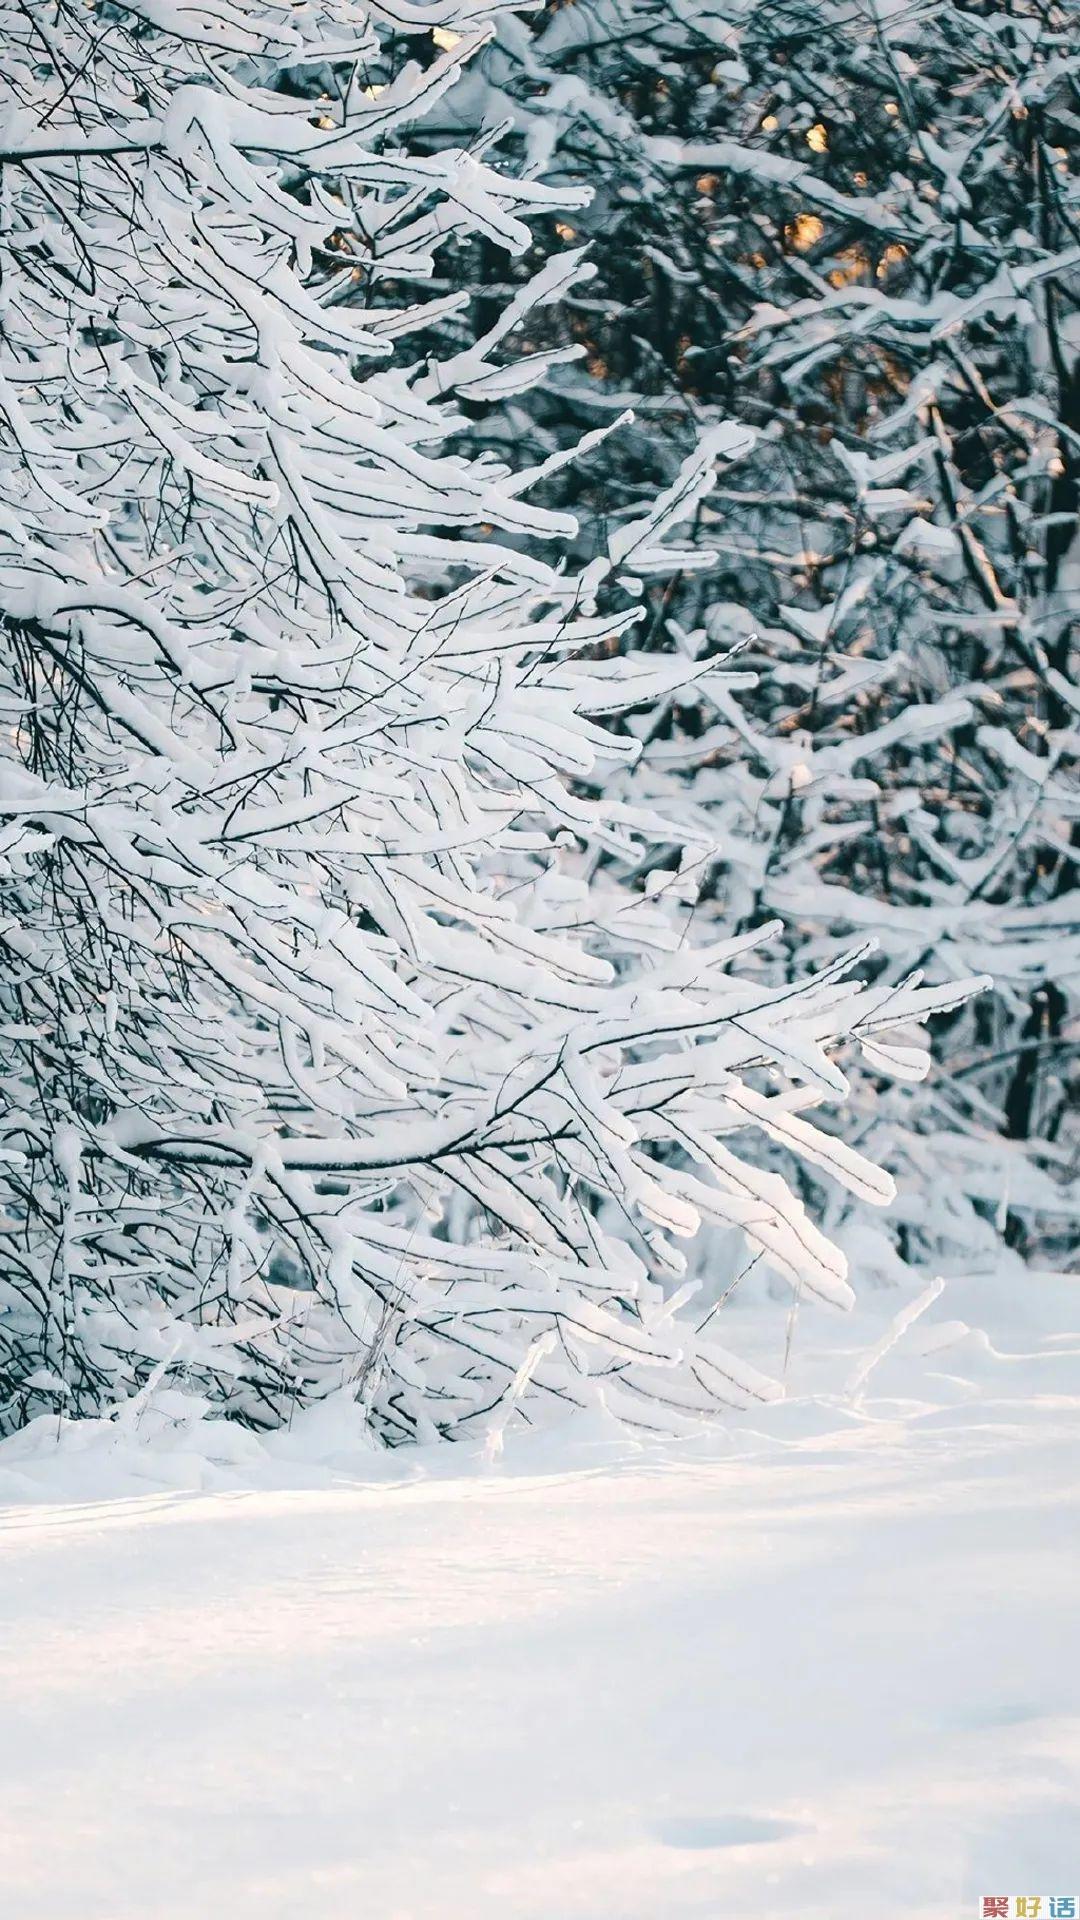 非常有文章的初冬第一场雪文案: 霜雪落满头,也算共白首插图(3)